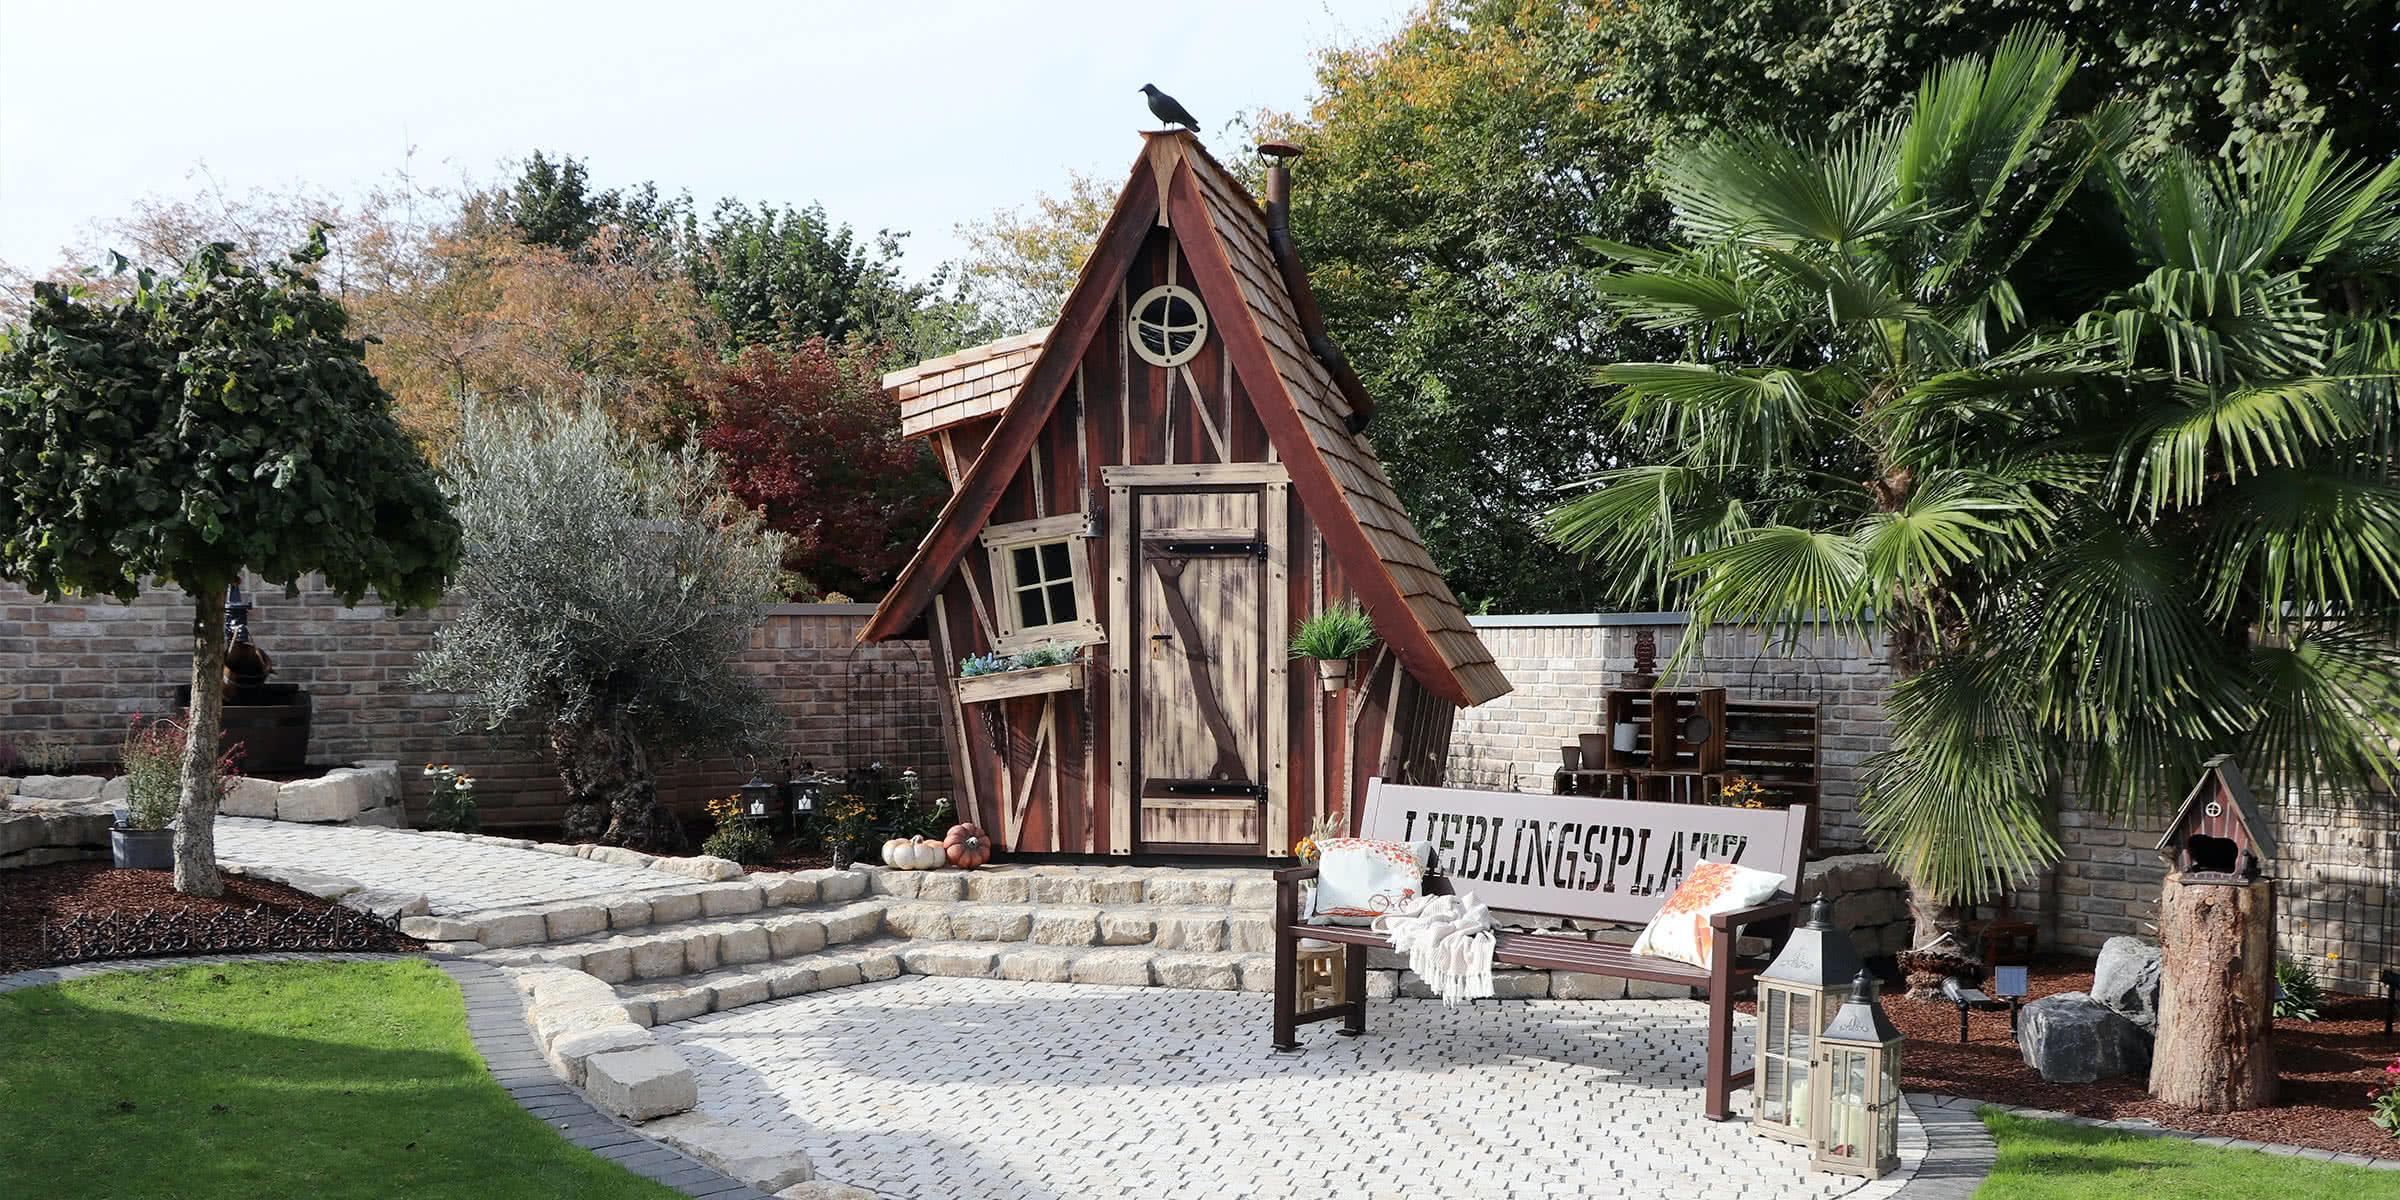 Kleine Häuschen im Garten mit gelaserter Bank daneben